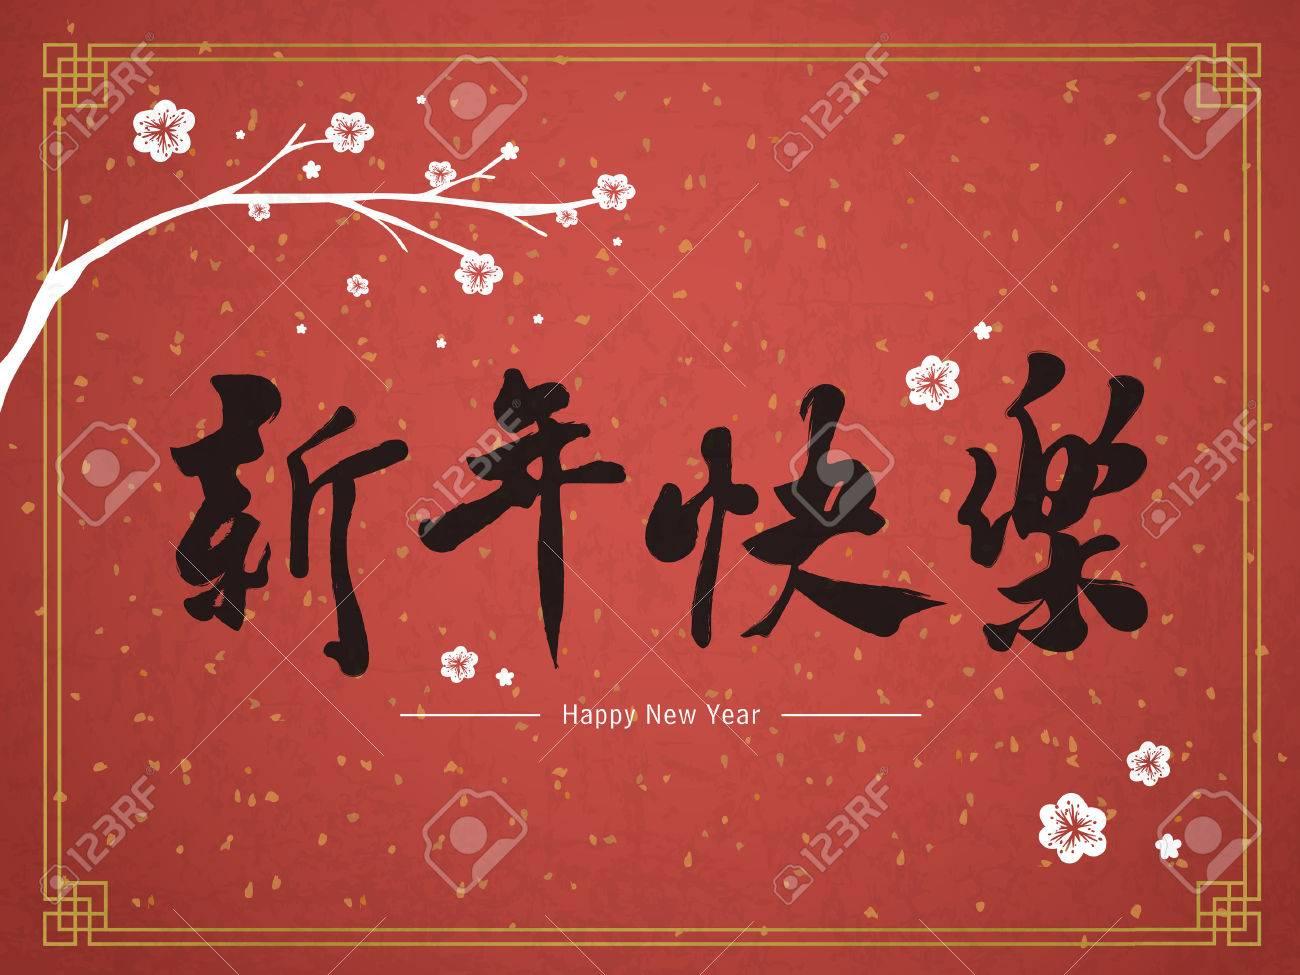 Frohes Neues Jahr In Der Traditionellen Chinesischen Wörter In ...